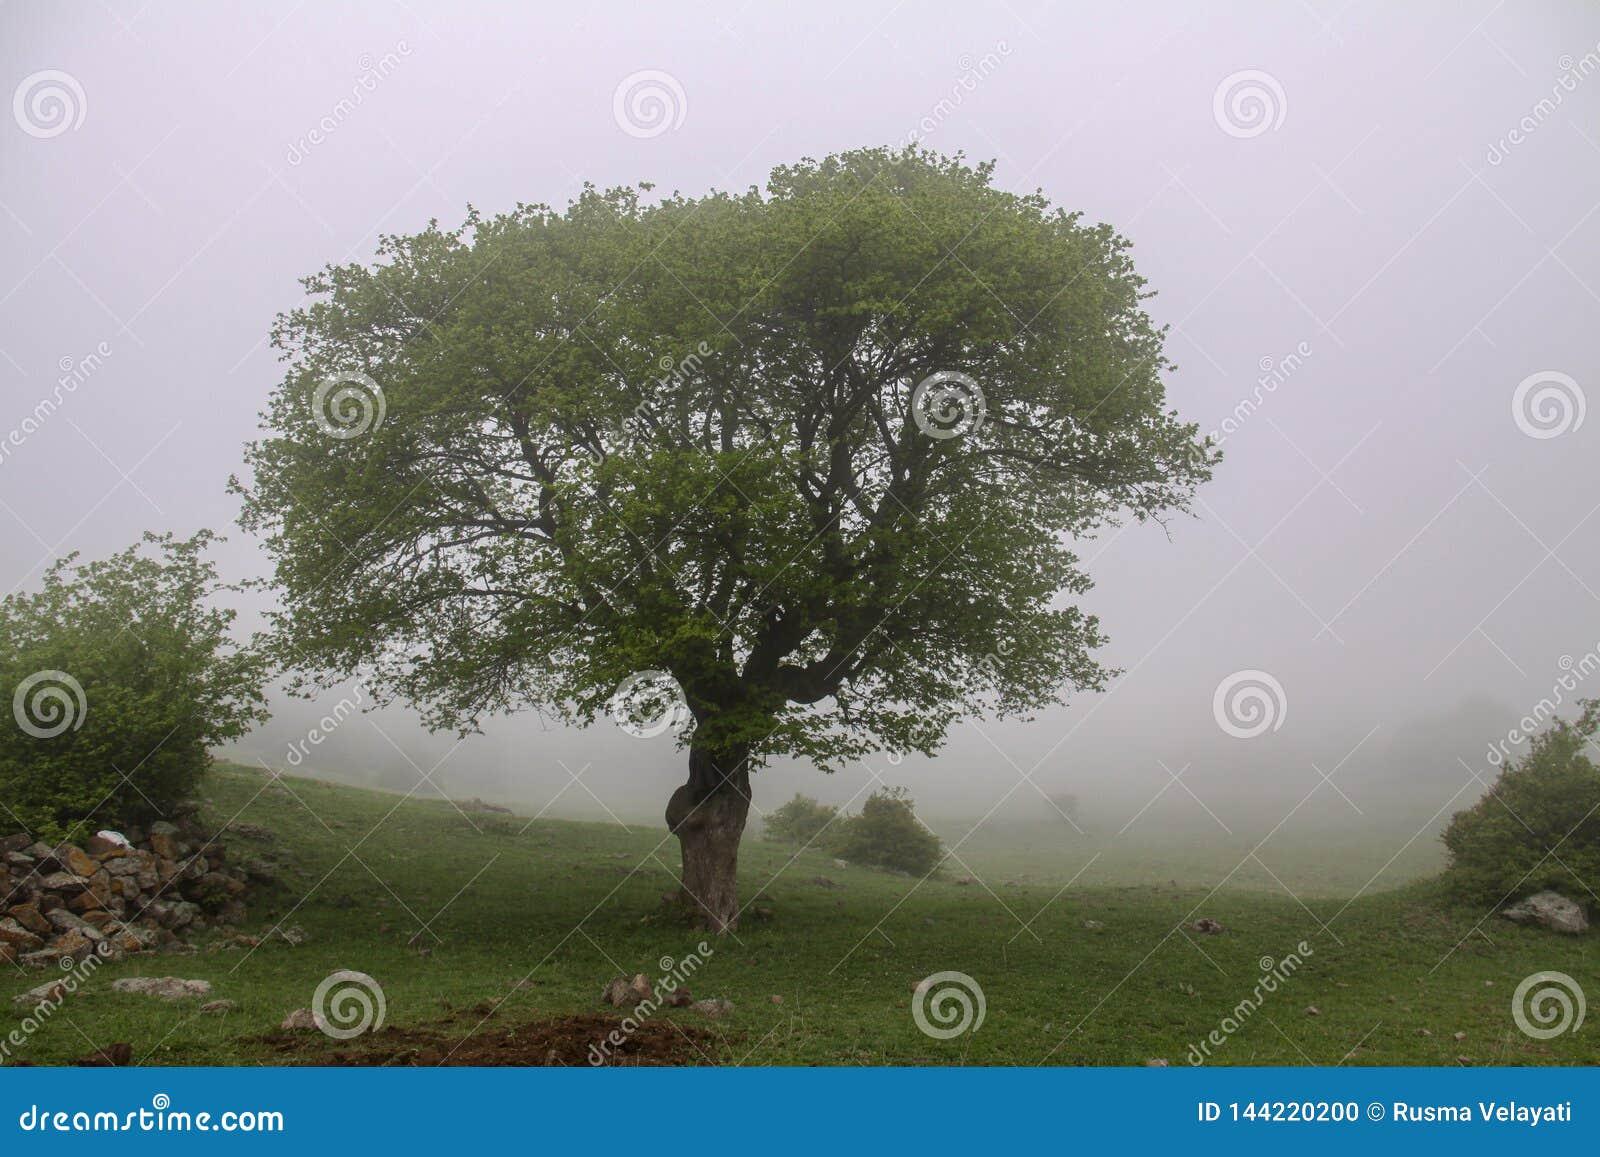 Berg am Nebel, am Nebel und am Baum der Iran, Gilan, Rasht